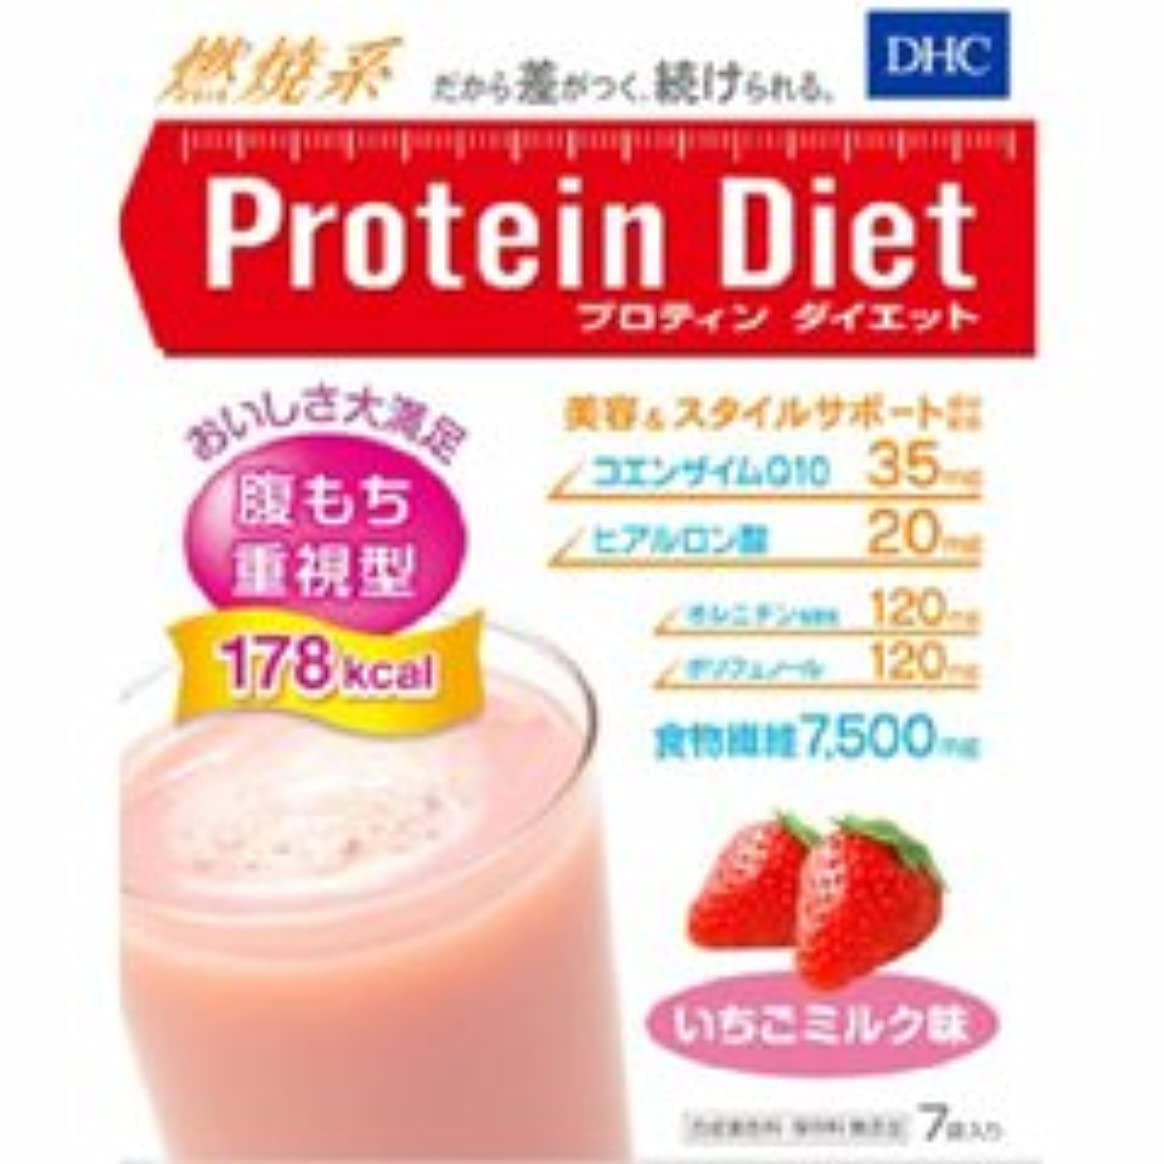 司書塗抹充電DHCの健康食品 プロティンダイエット いちごミルク味 50g×7袋 【DHC】